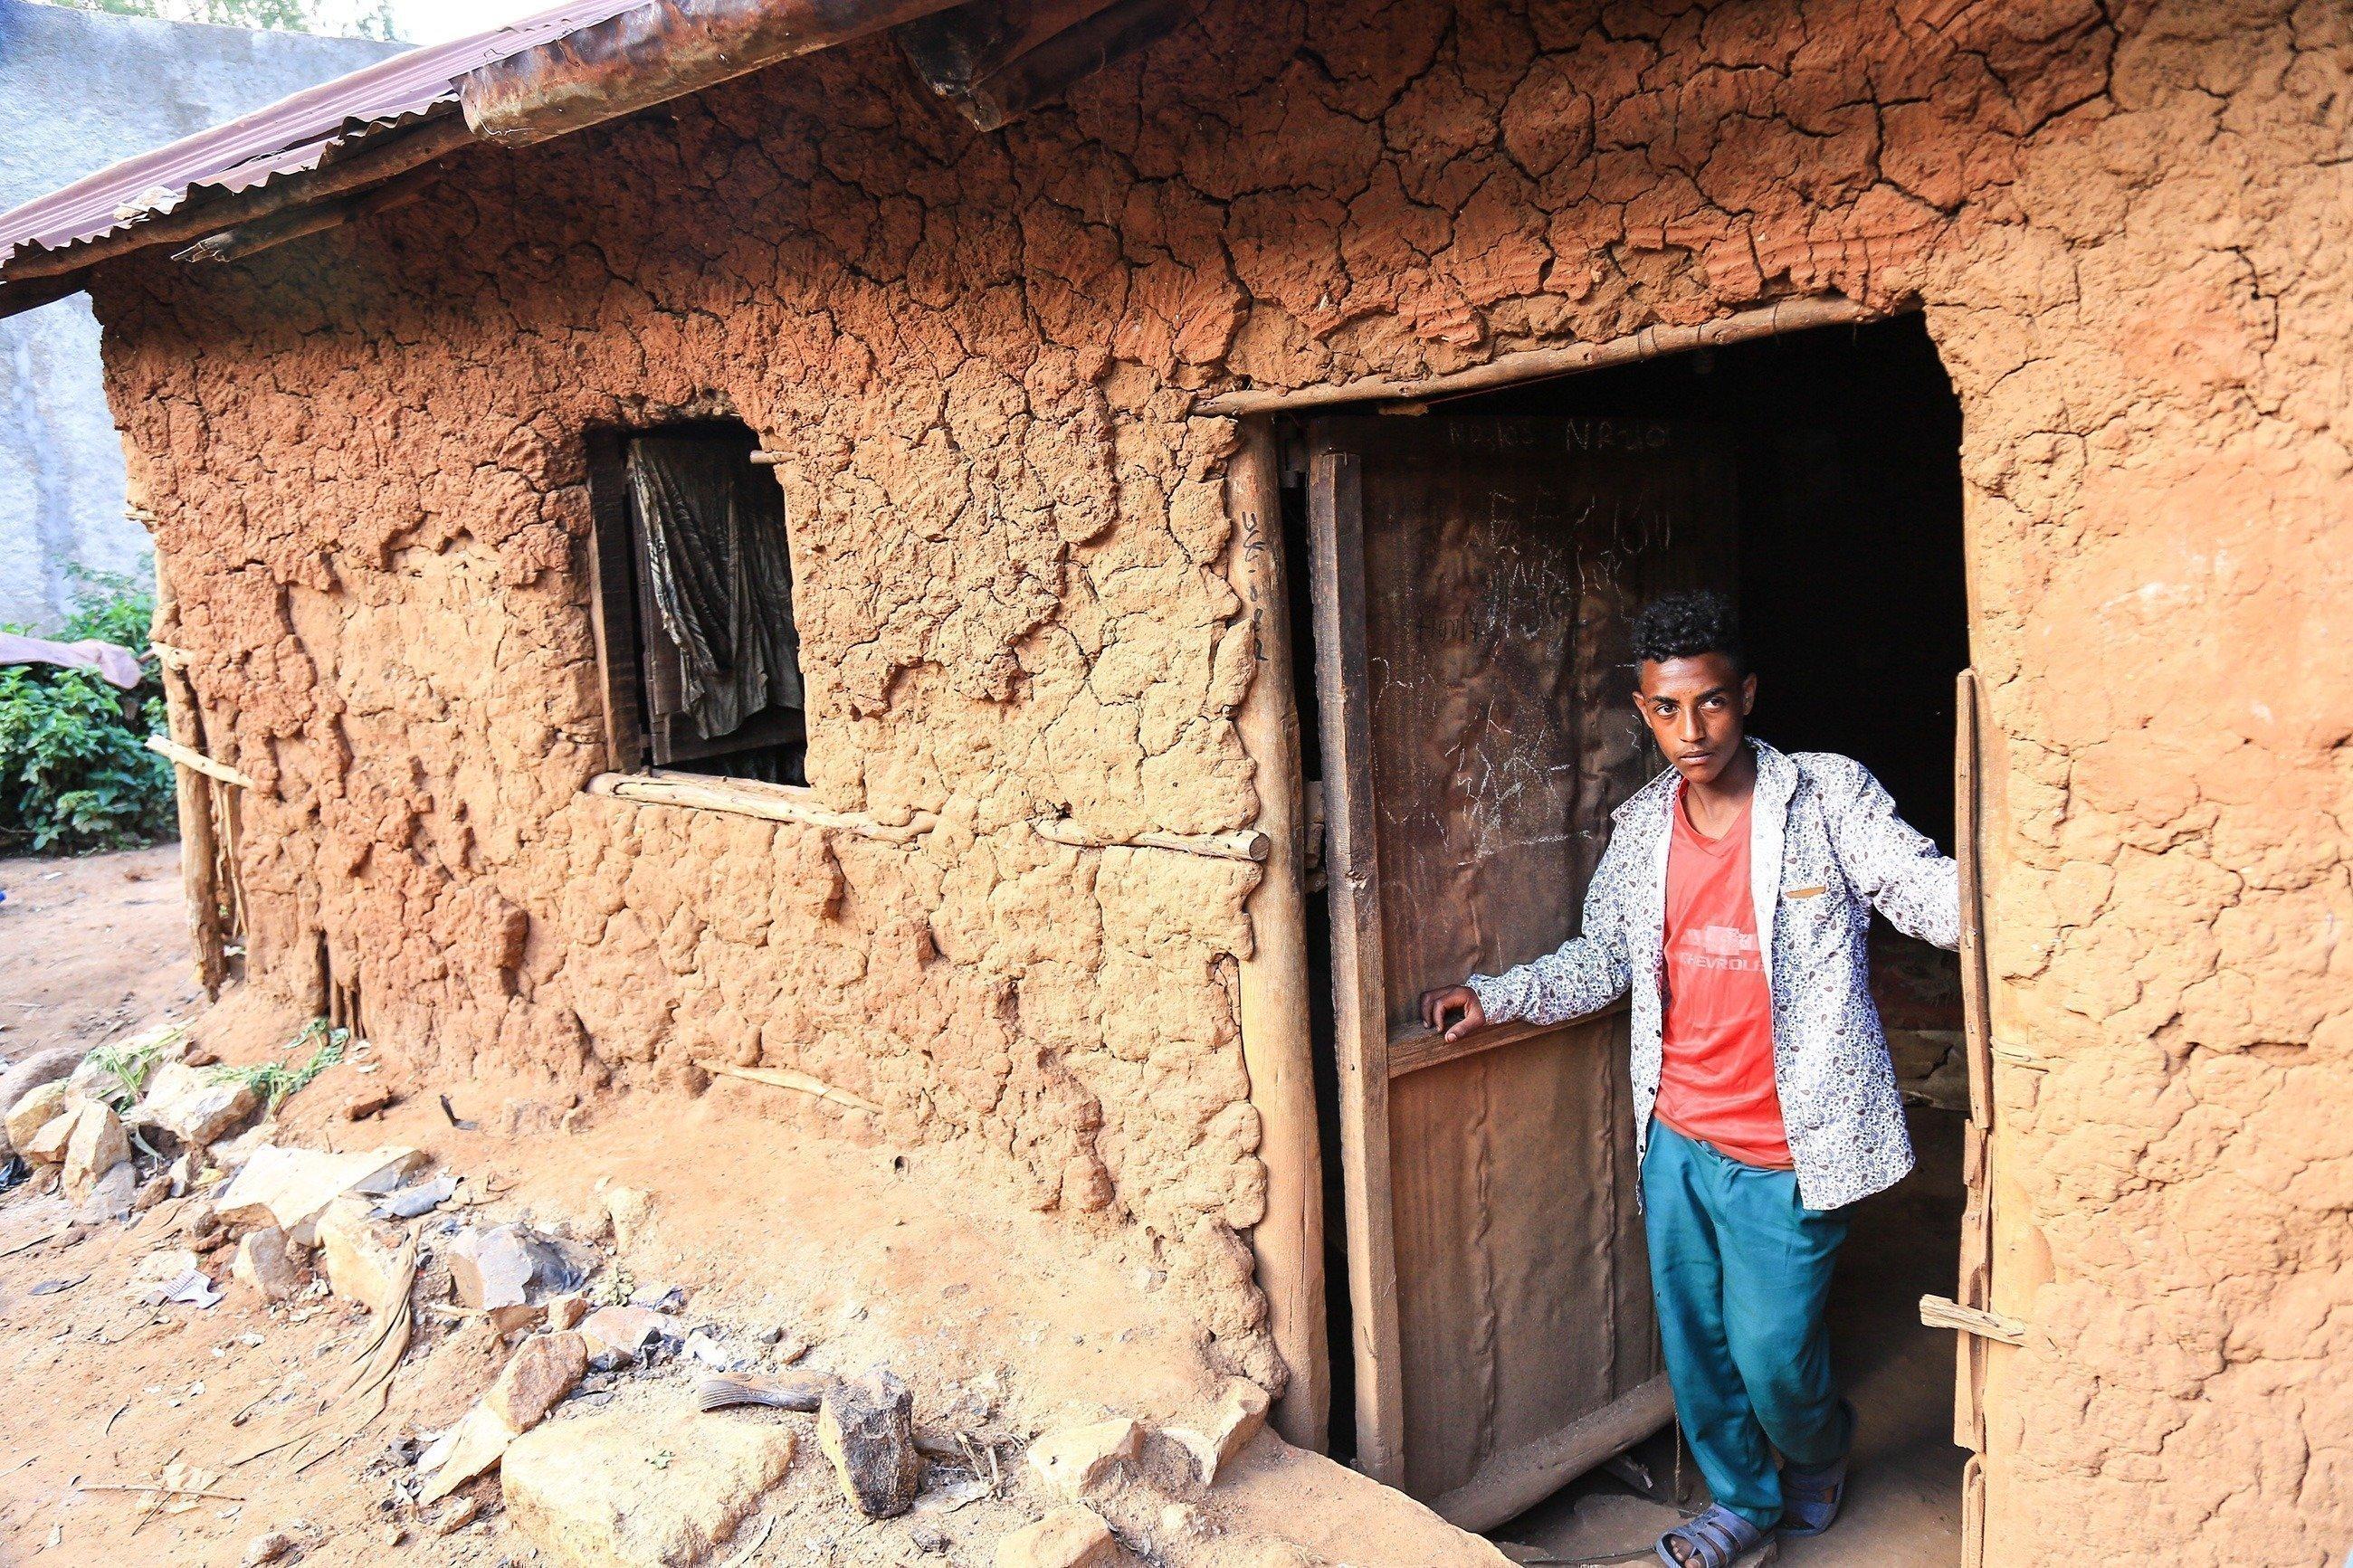 Un jeune garçon dans l'entrée d'une maison en terre.